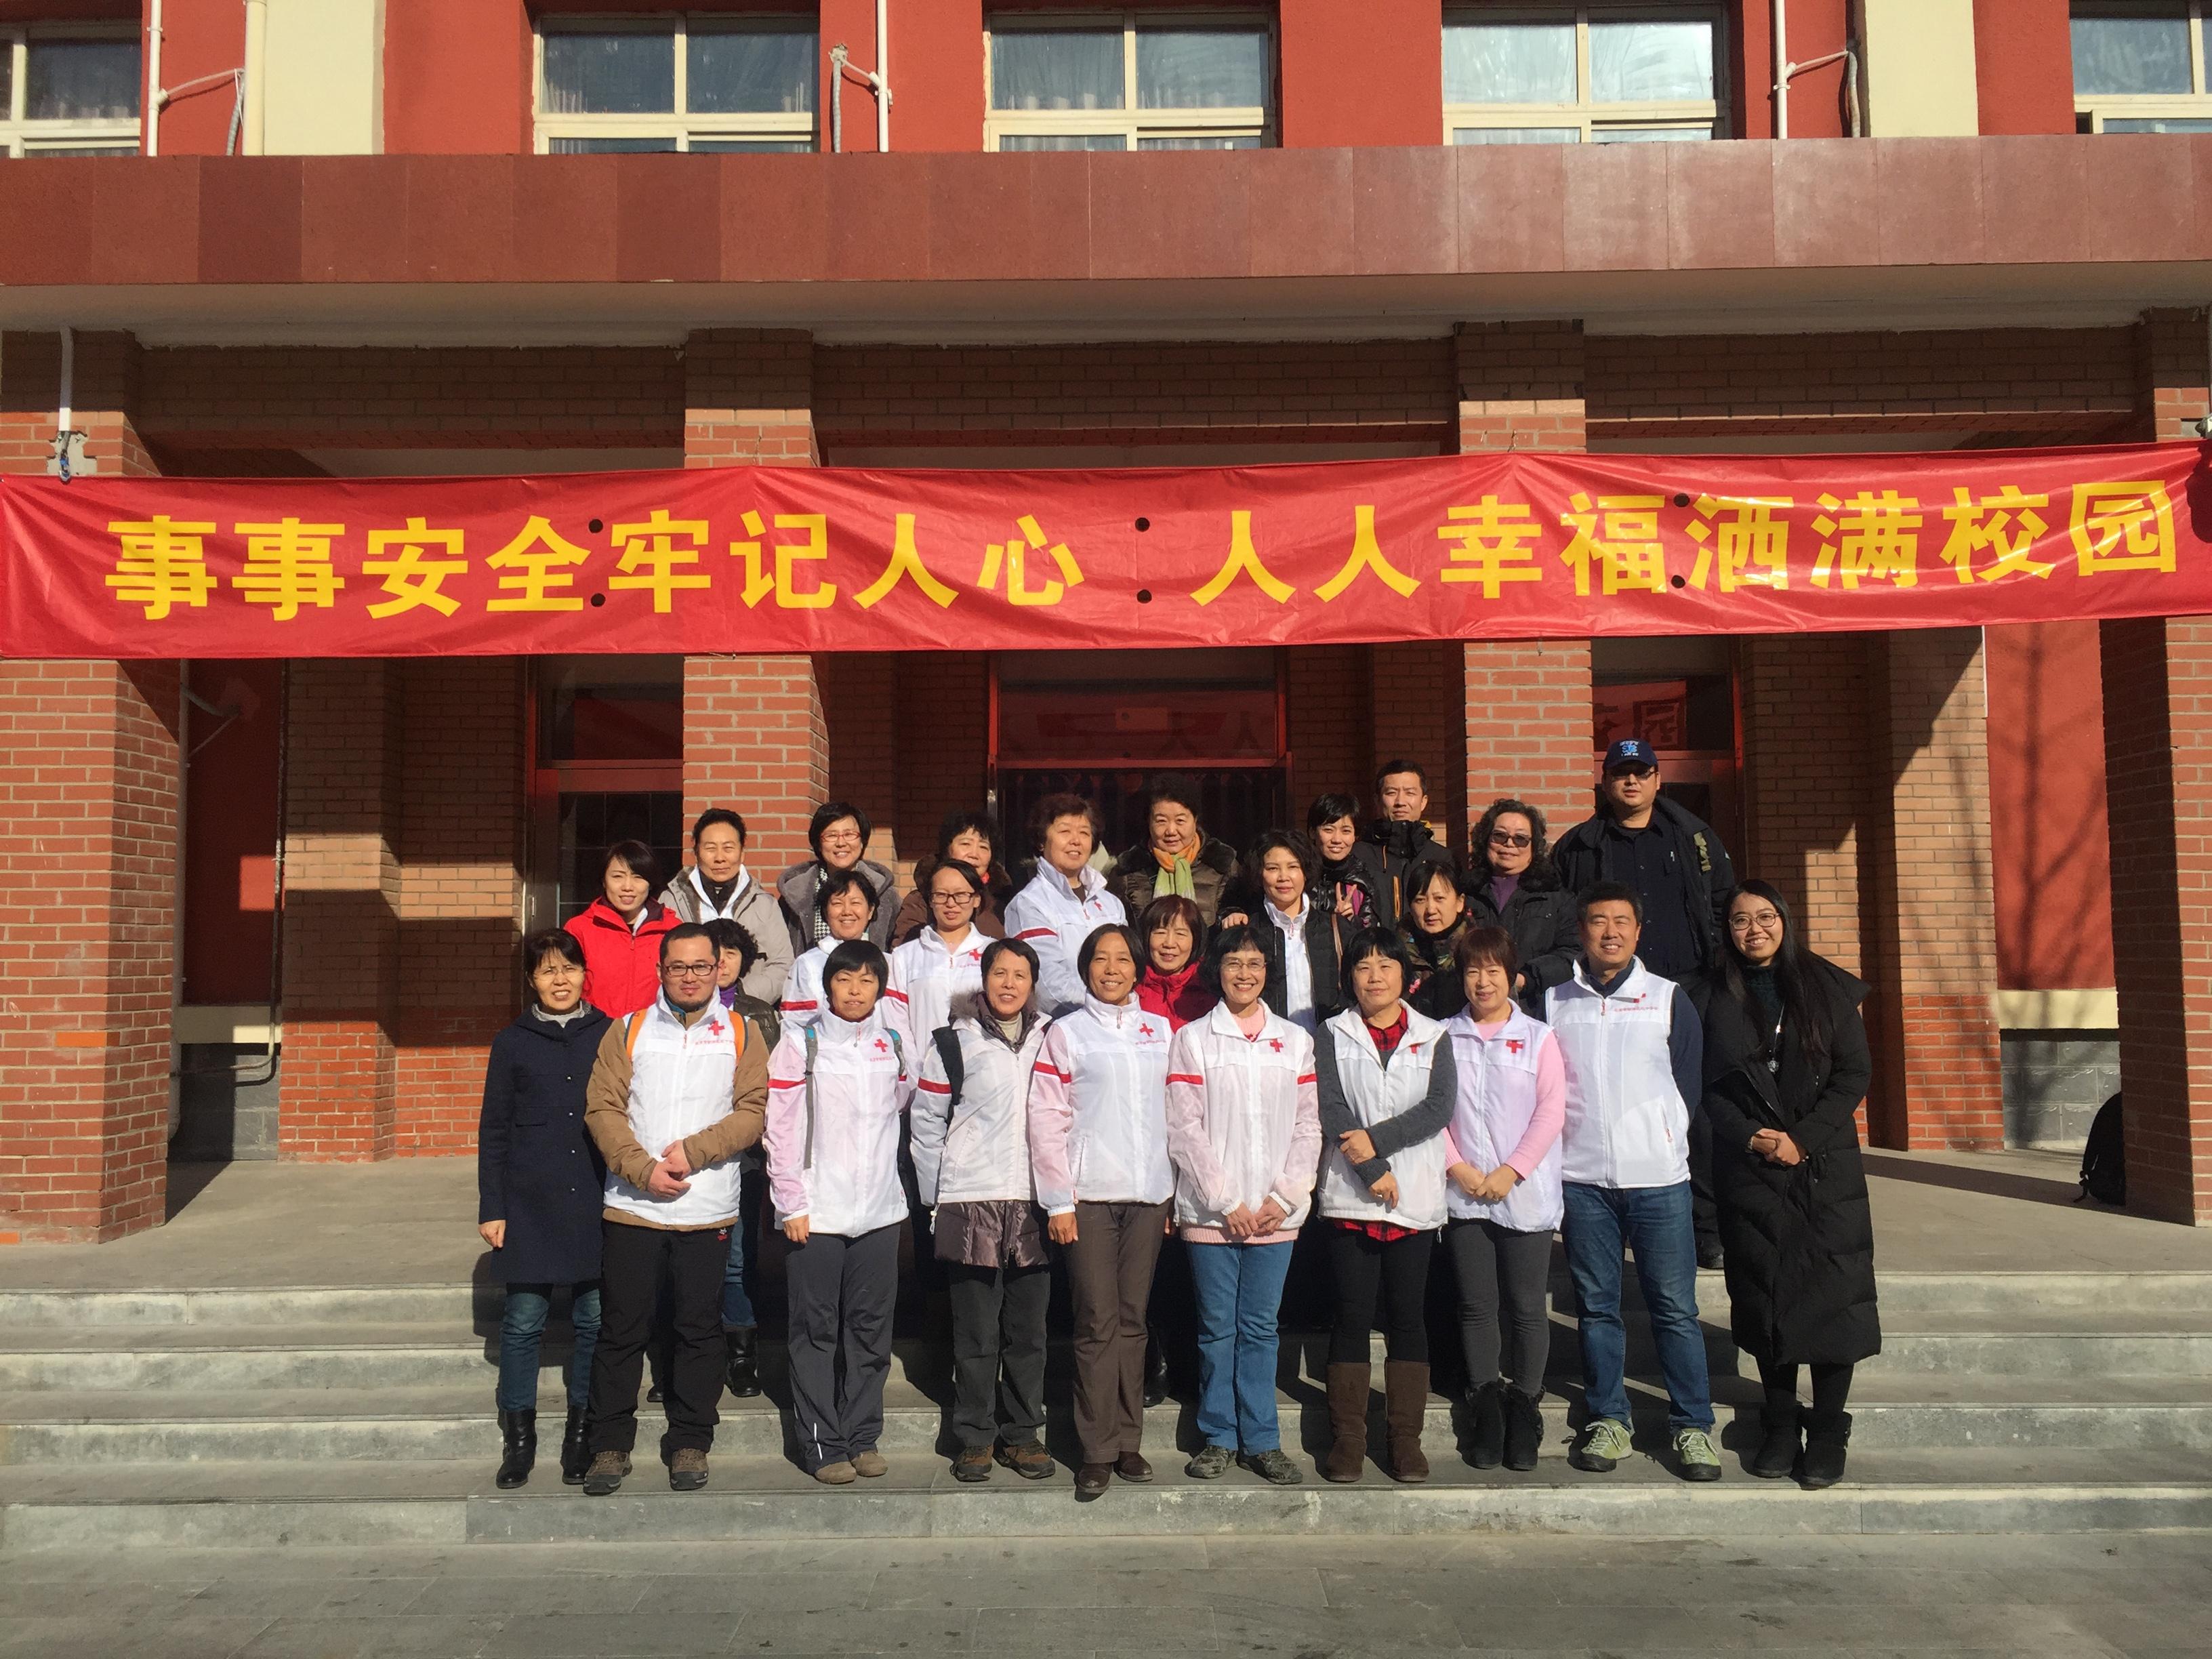 垂杨柳校区开展红十字会急救技能学生培训